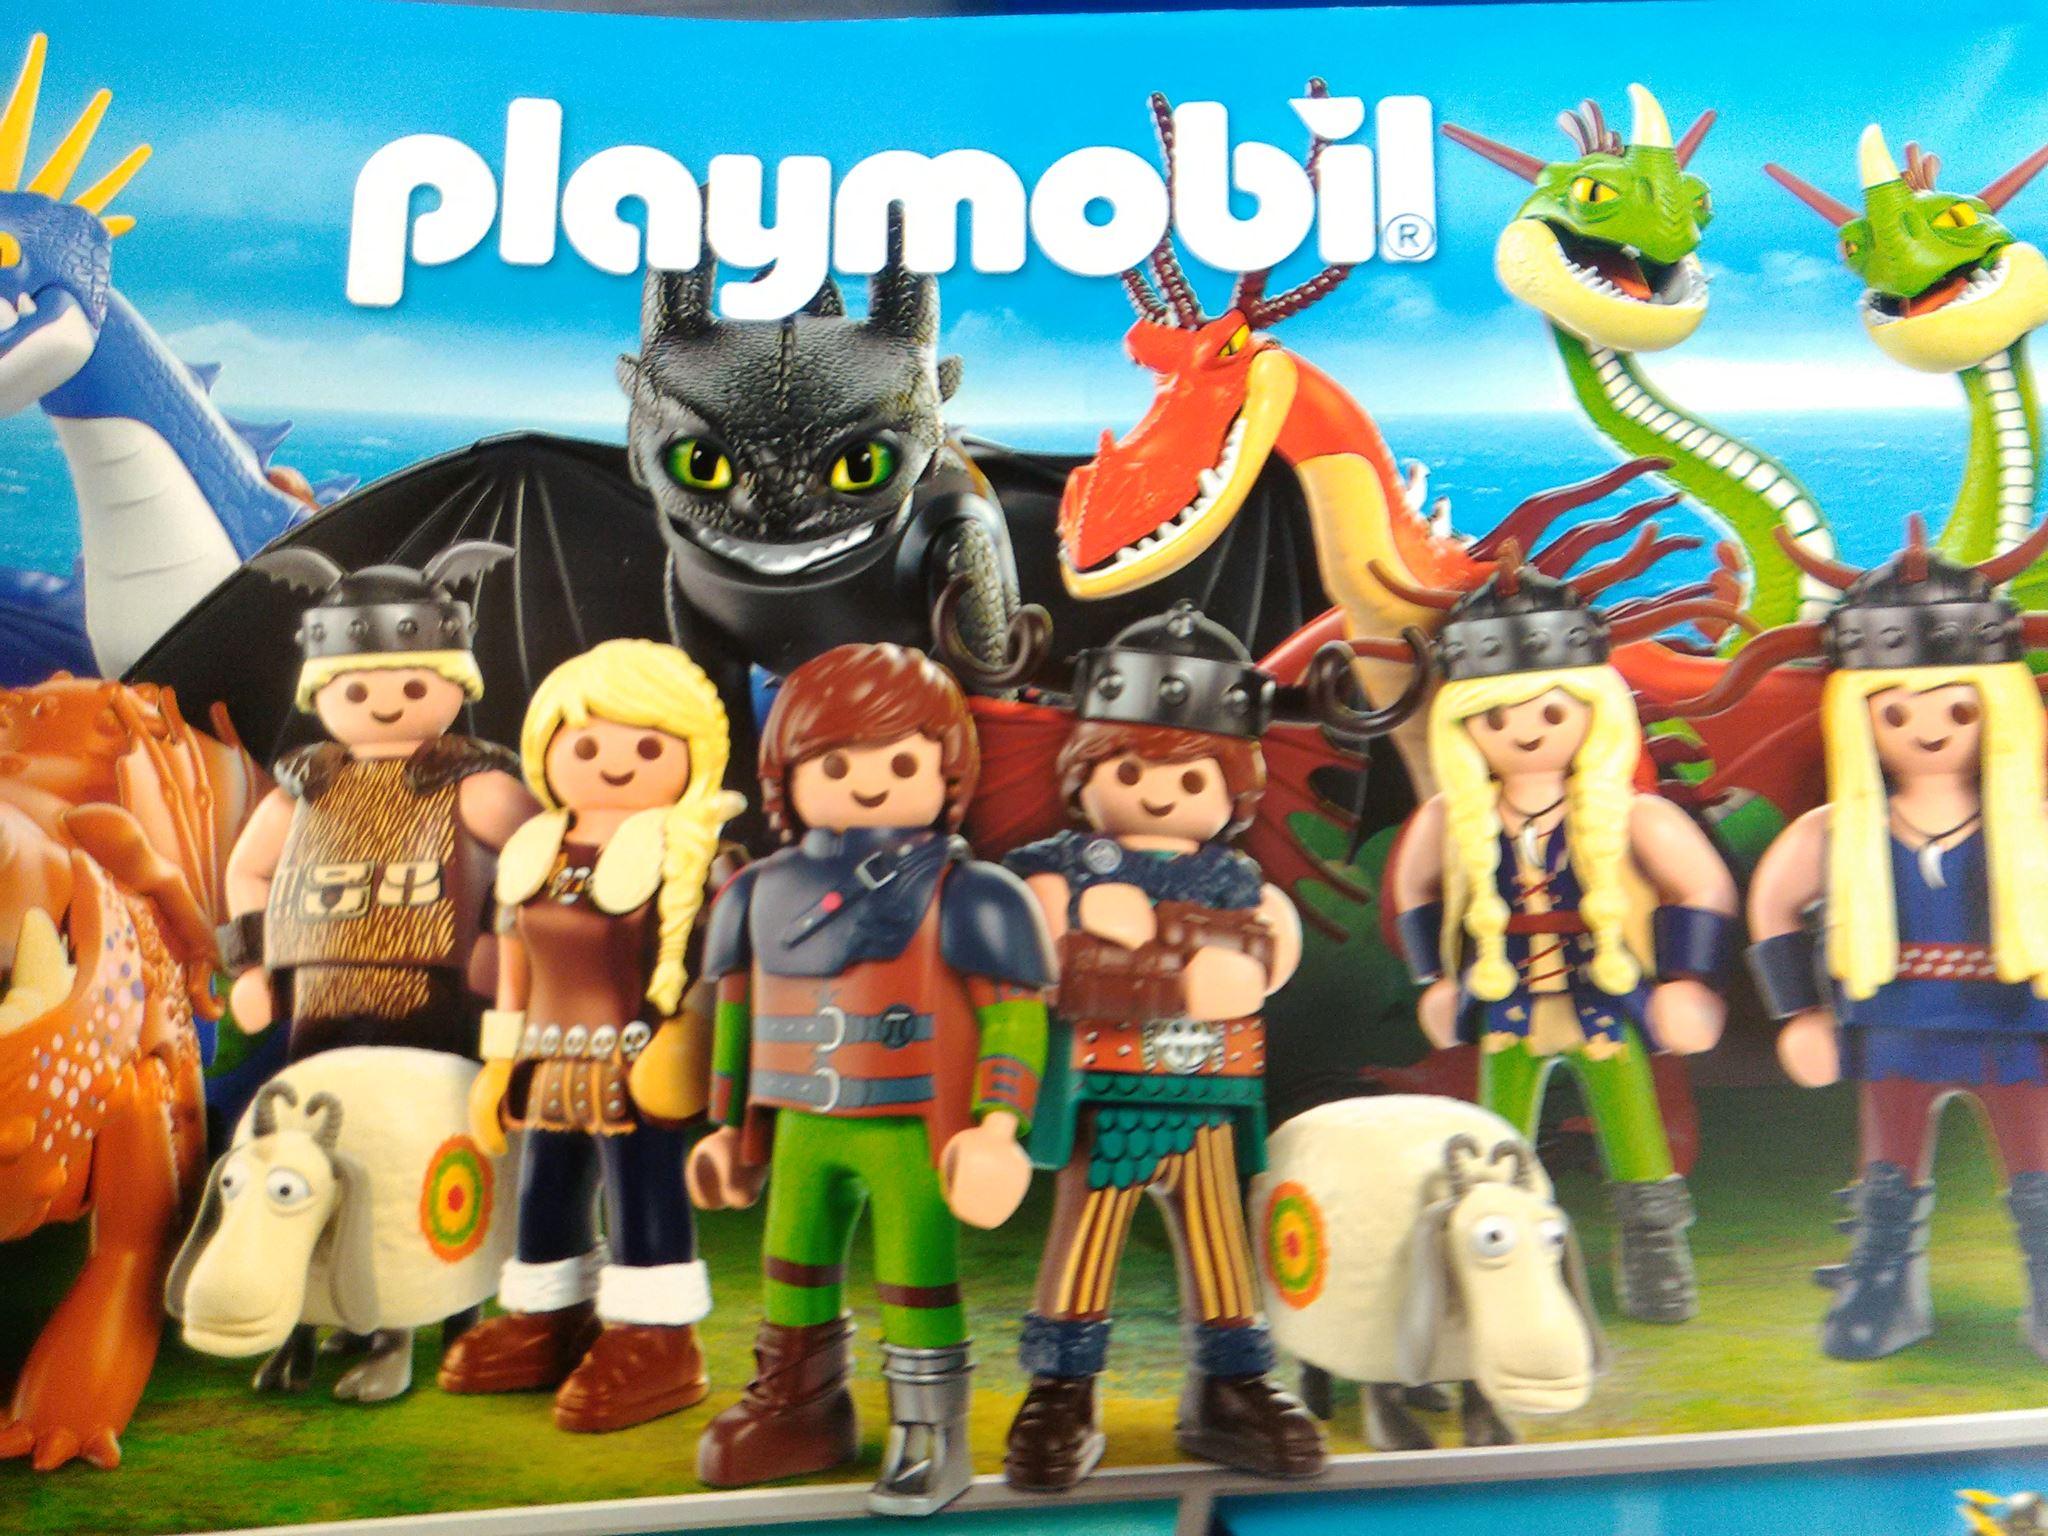 Obrazek przedstawia zabawkowe, różnokolorowe ludziki oraz czerwono- żółtego smoka z czarnym stworem